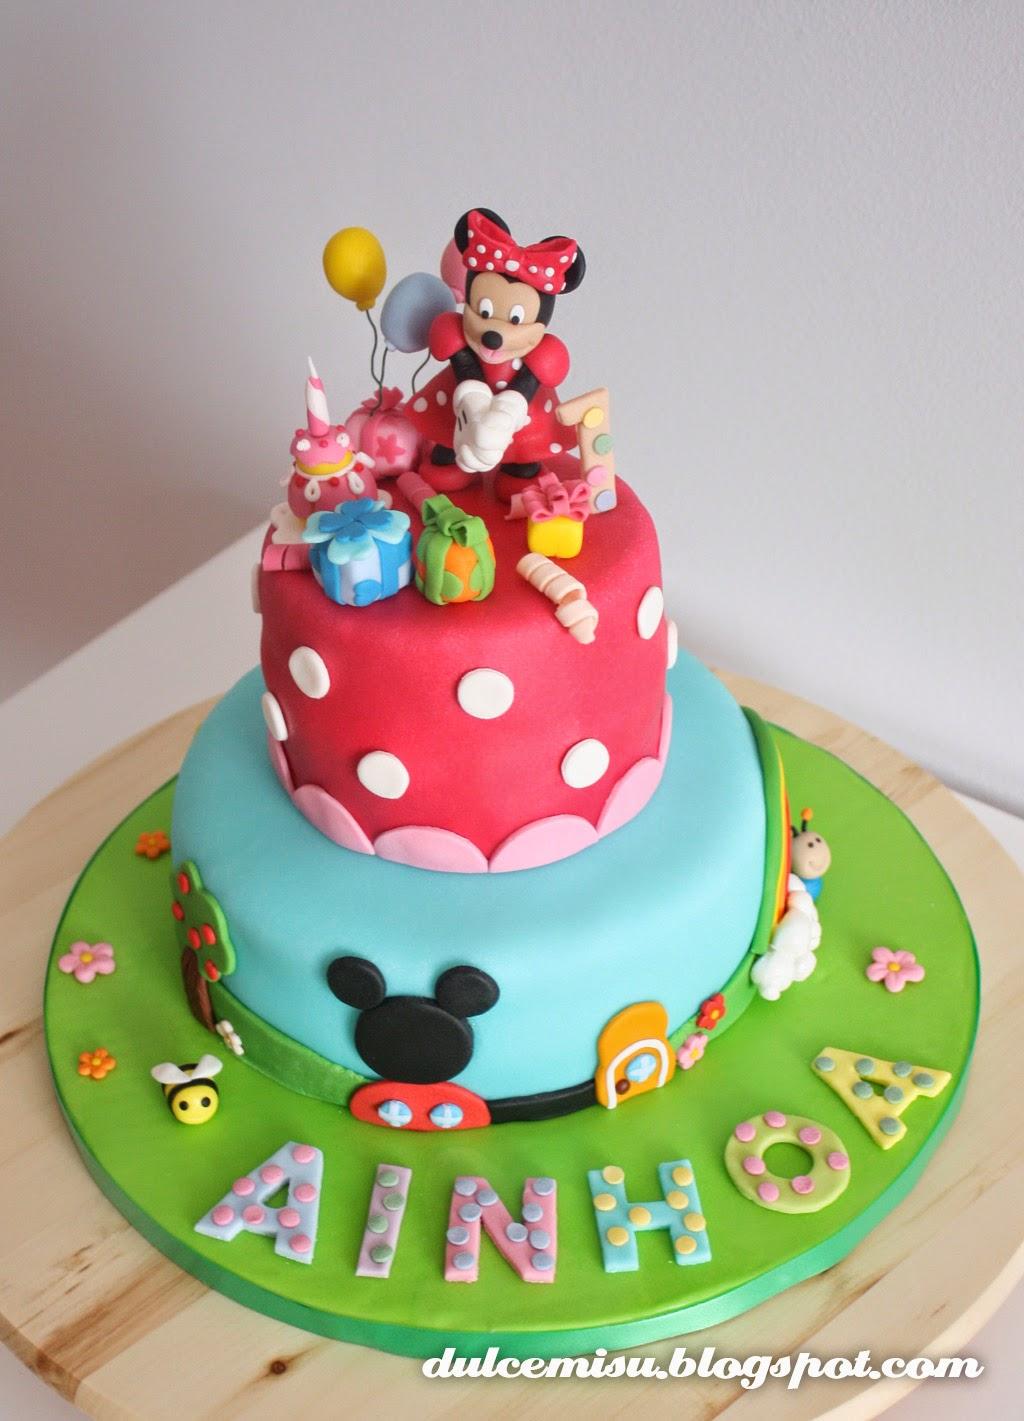 minie Dulcemisu reposteria creativa, tarta, fondant, Minnie, Mickey, regalitos, globos